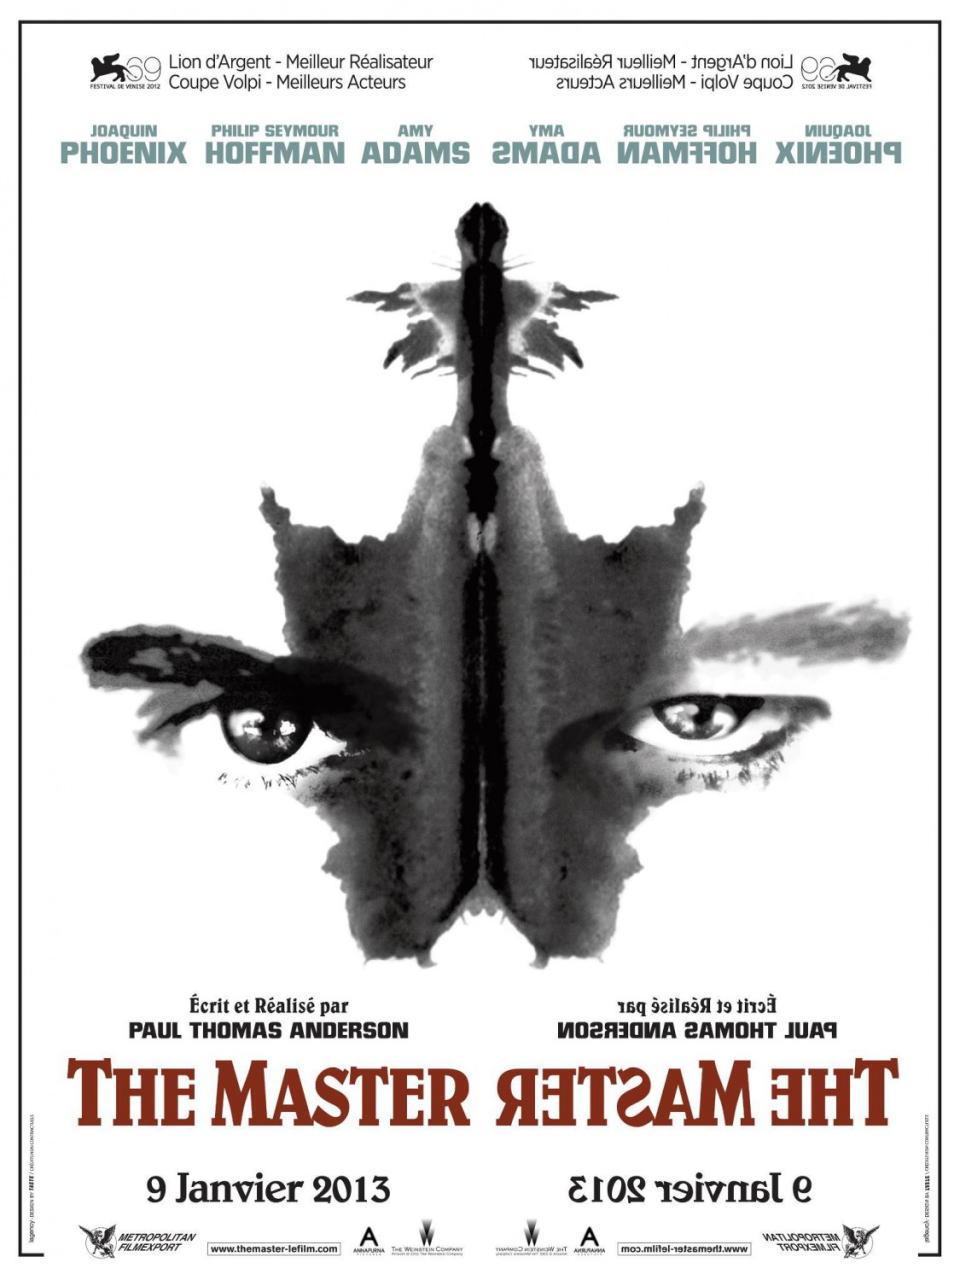 映画『ザ・マスター THE MASTER』ポスター(5)▼ポスター画像クリックで拡大します。